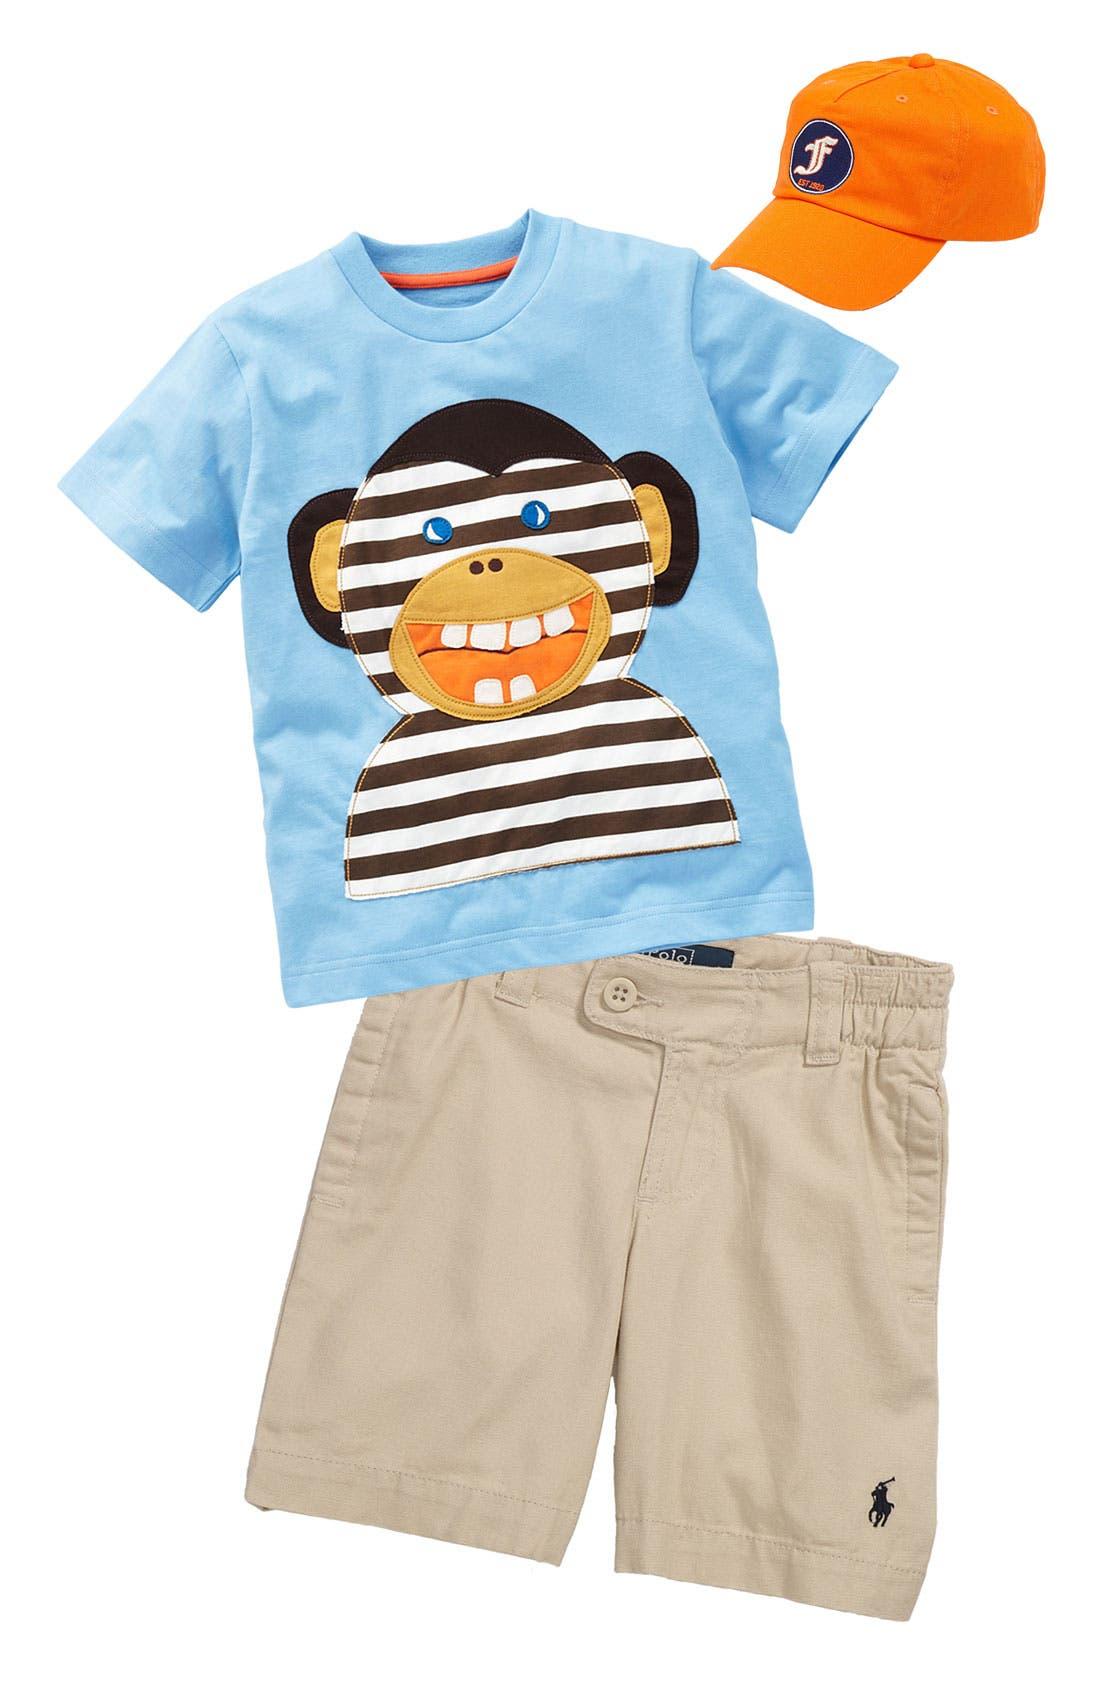 Main Image - Mini Boden T-Shirt & Ralph Lauren Shorts (Toddler)